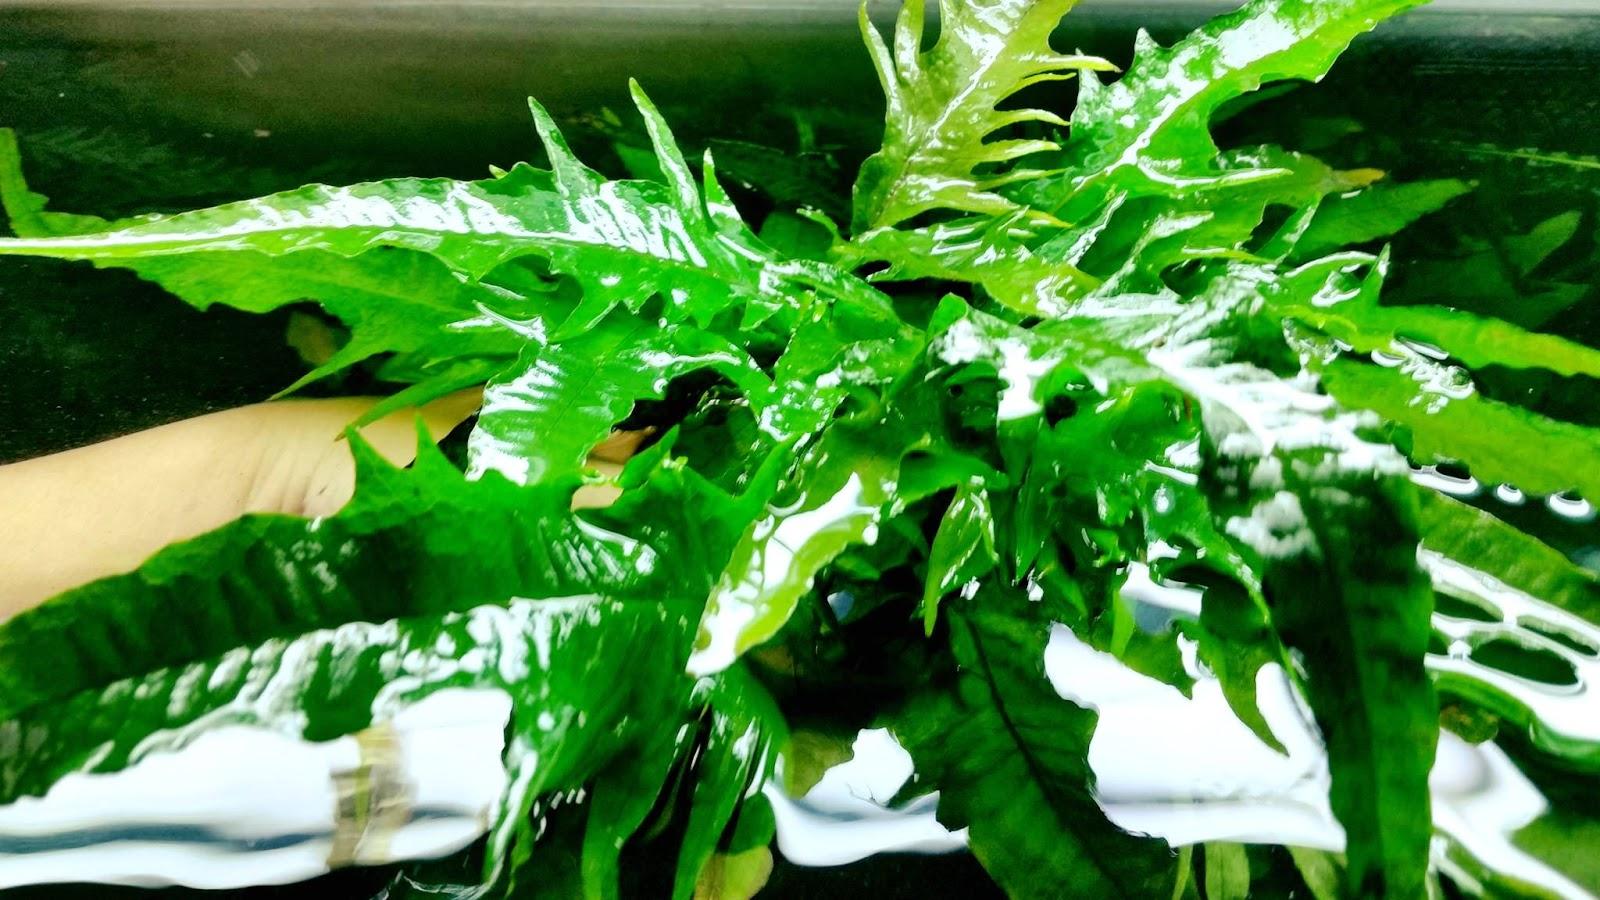 Cận cảnh cây thủy sinh dương xỉ phoniex